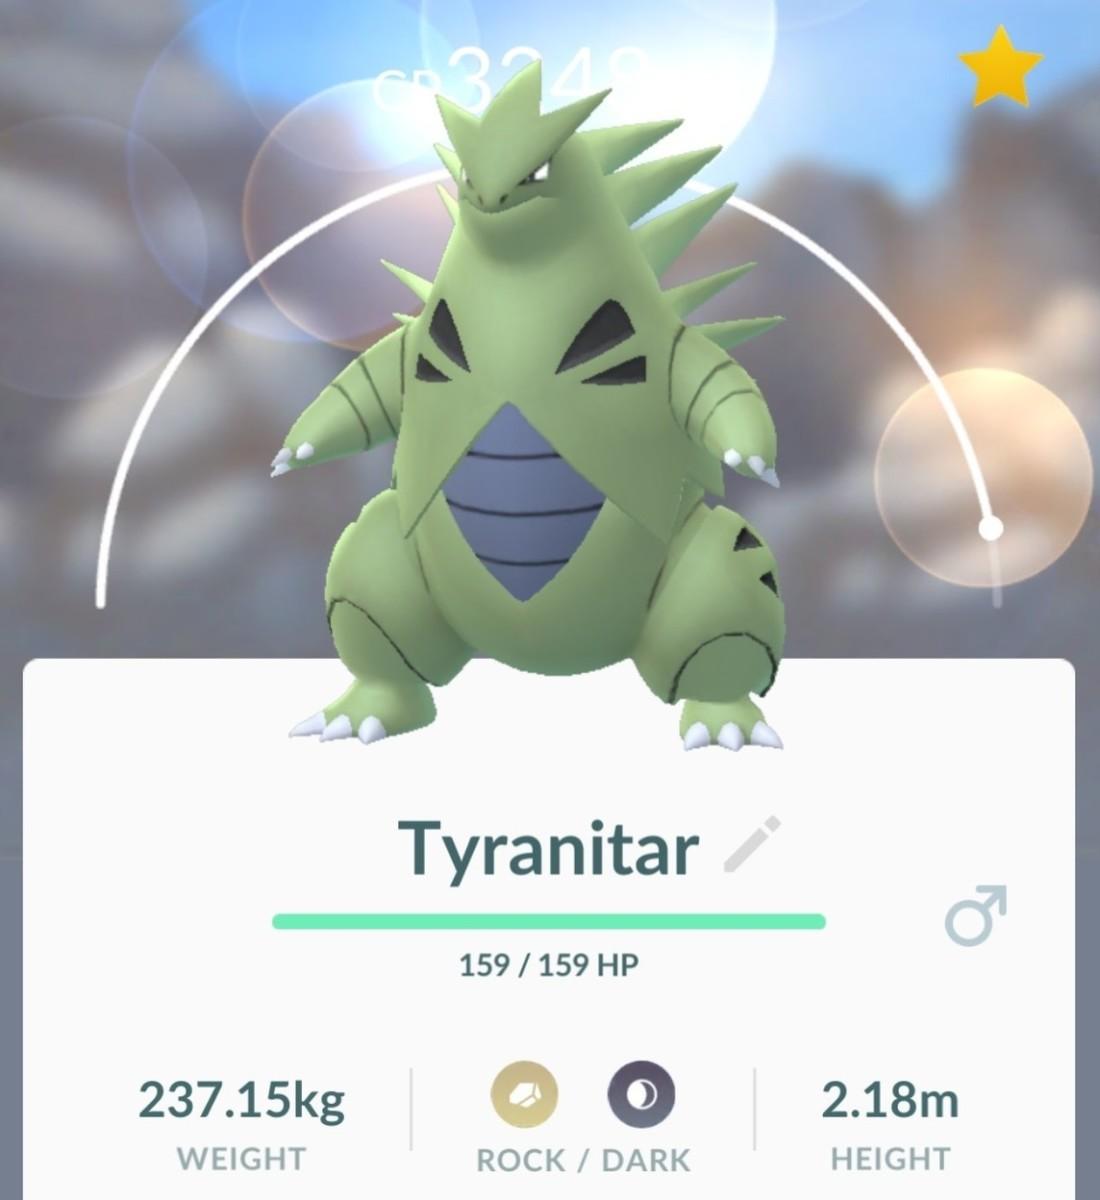 Tyranitar in Pokemon GO